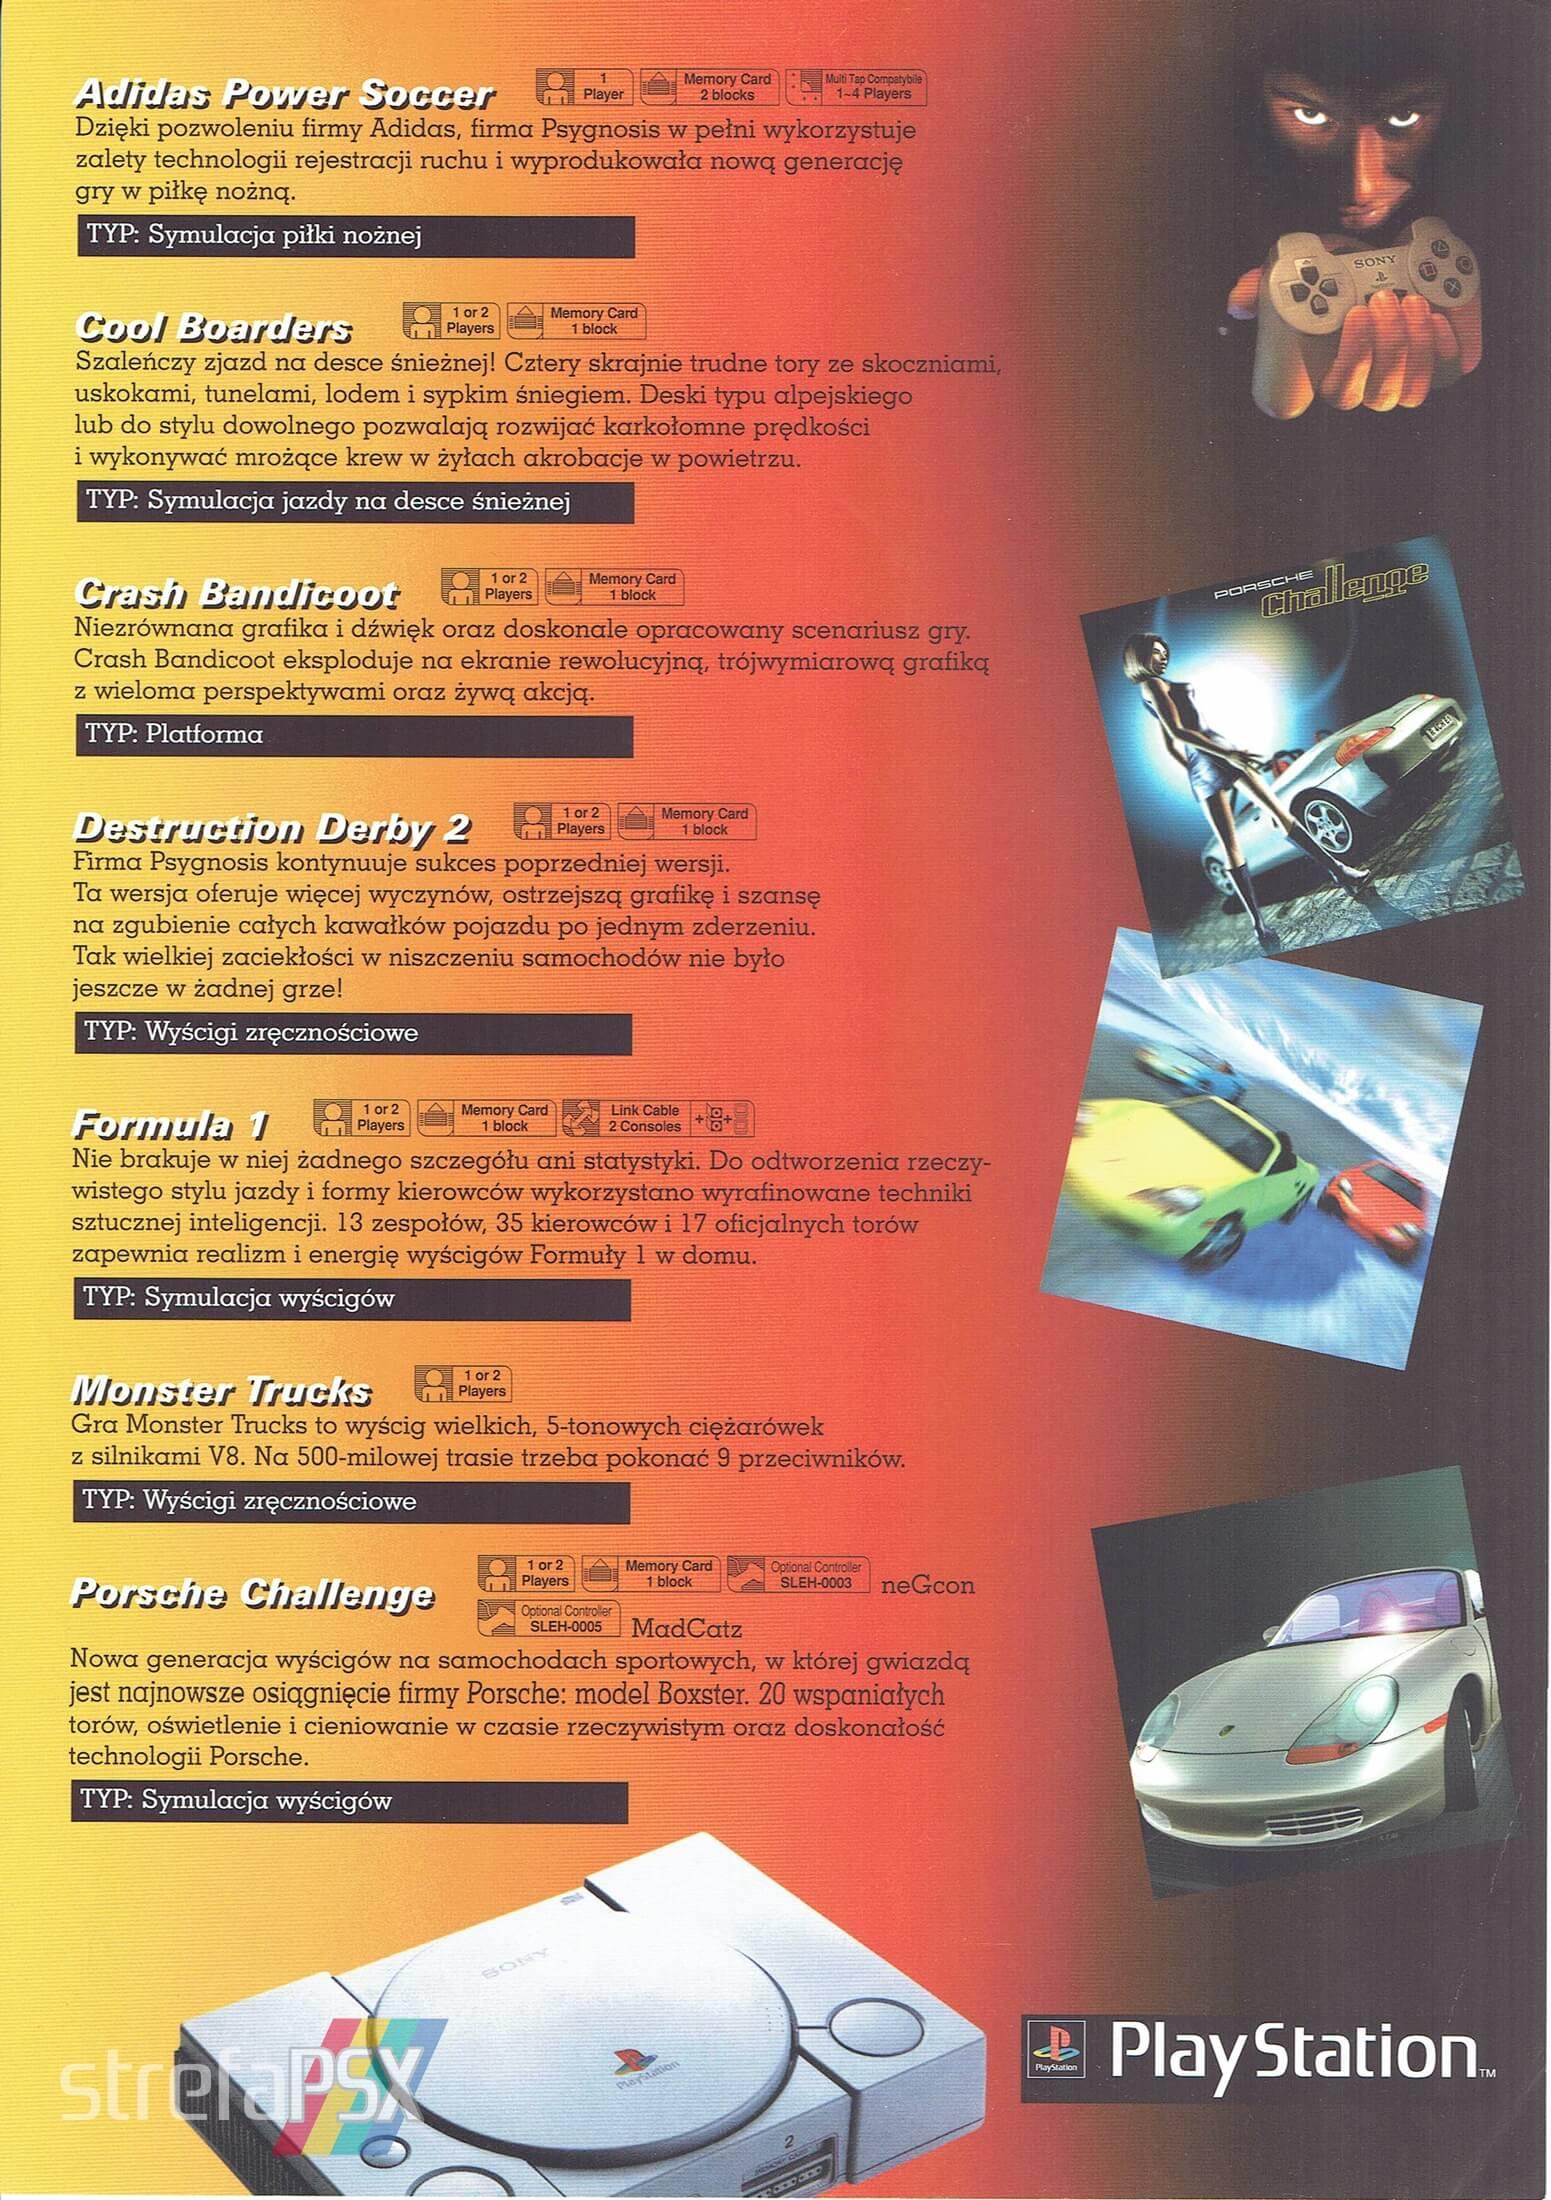 broszura reklamowa psx 15 - Broszury reklamowe PlayStation z dawnych lat